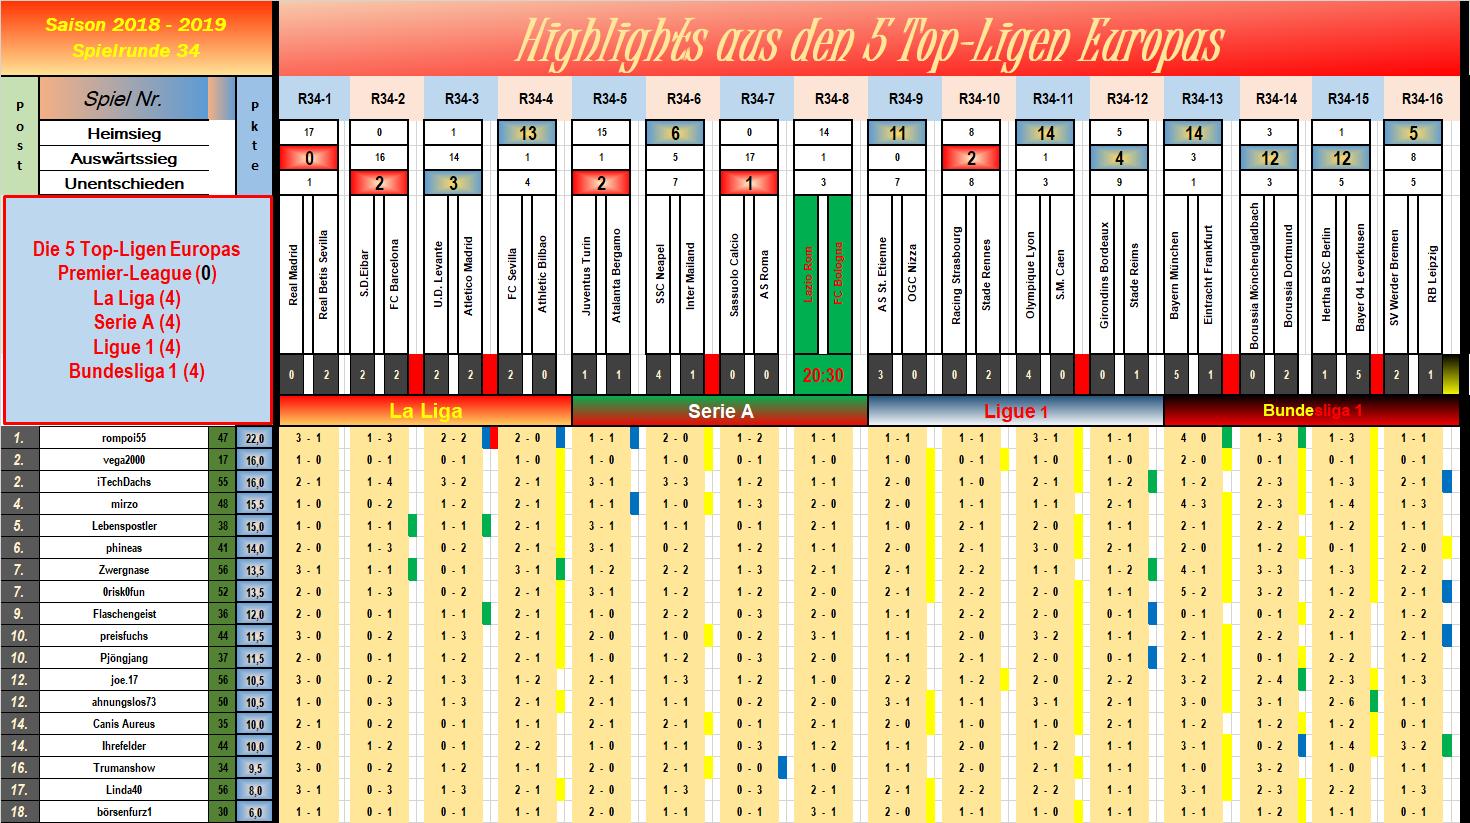 34_nach_15_partien.png